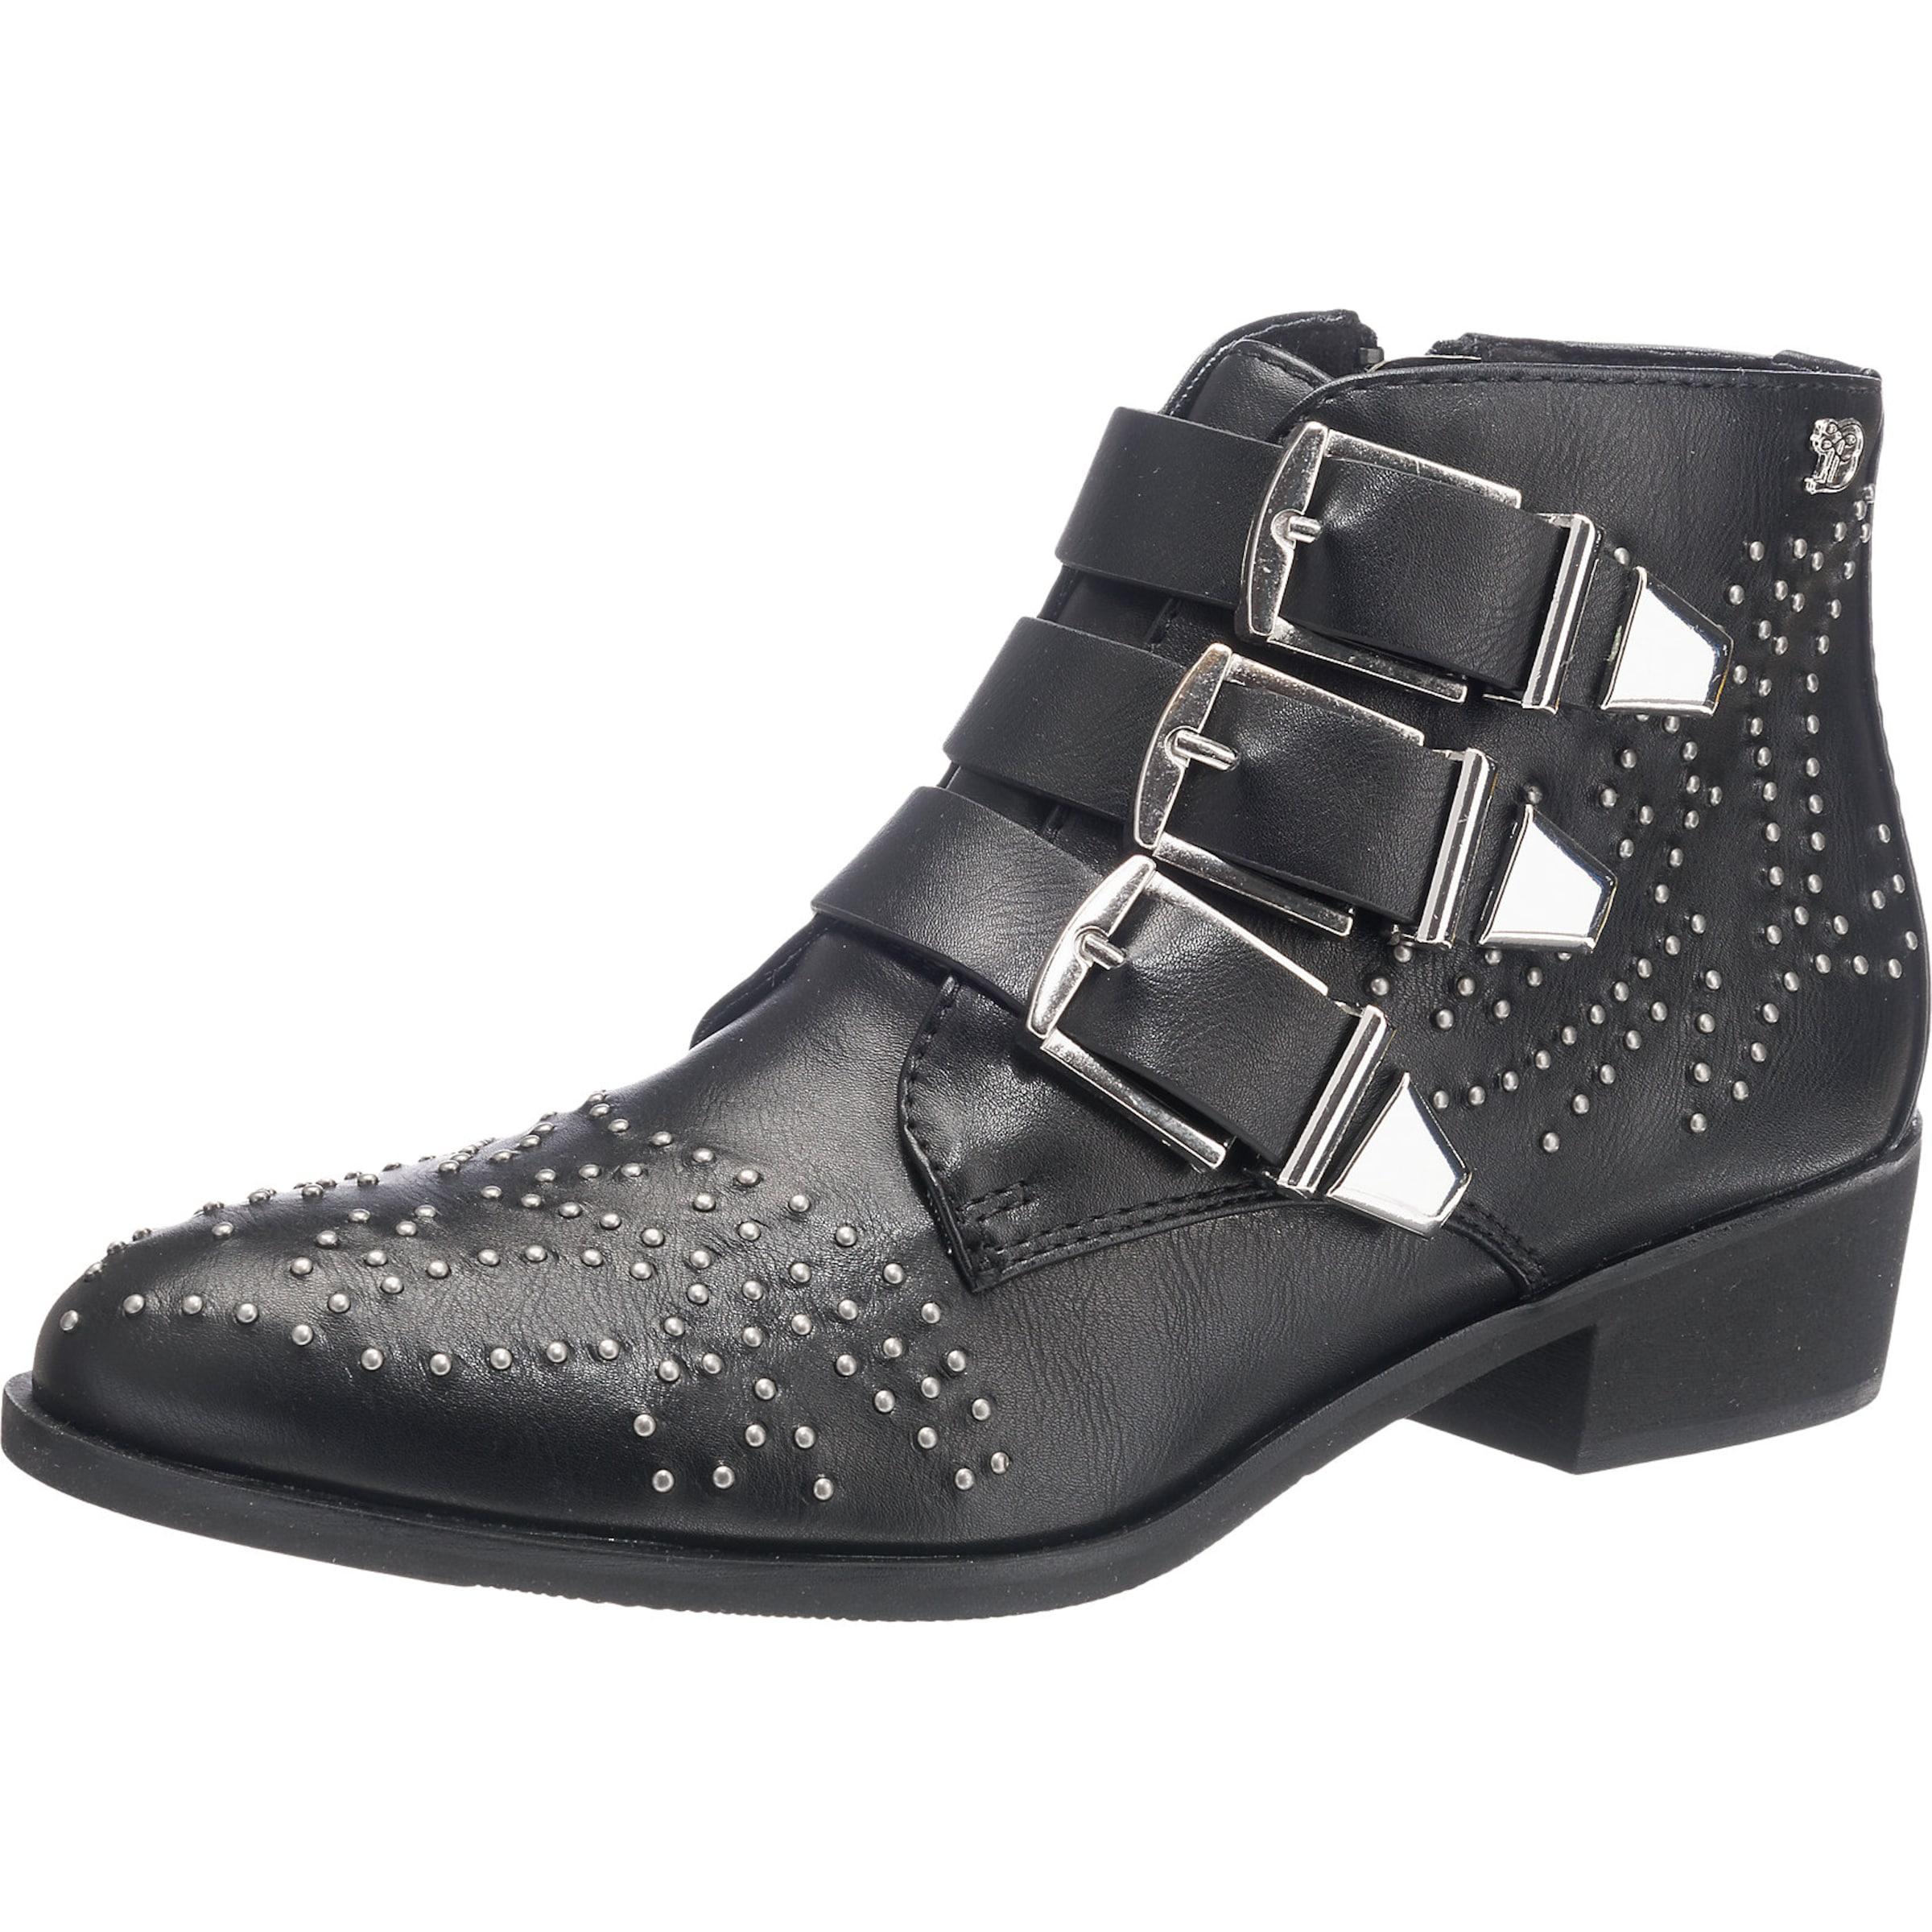 TOM TAILOR Stiefeletten Günstige und langlebige Schuhe